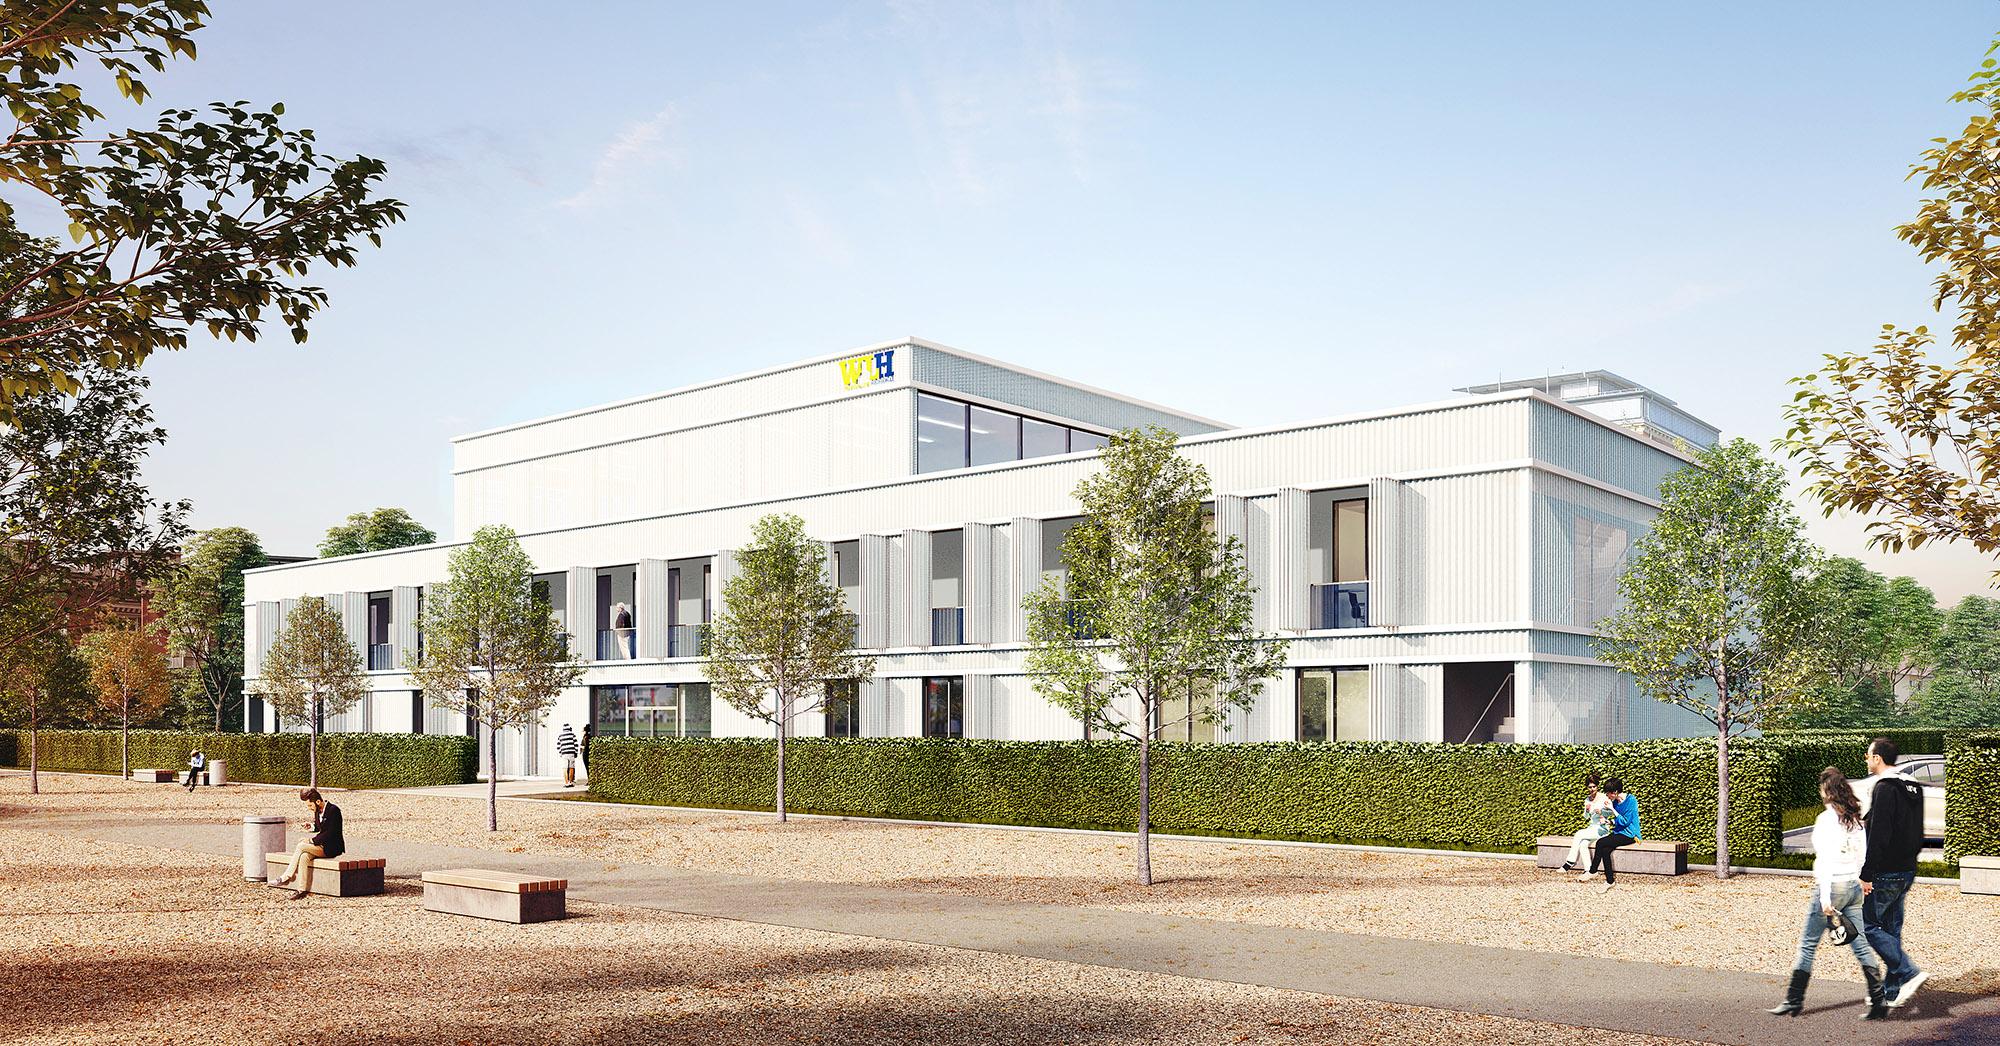 mojoimages architekturvisualisierung Baum Kappler Seminargebäude Immobilie Fürth 2016